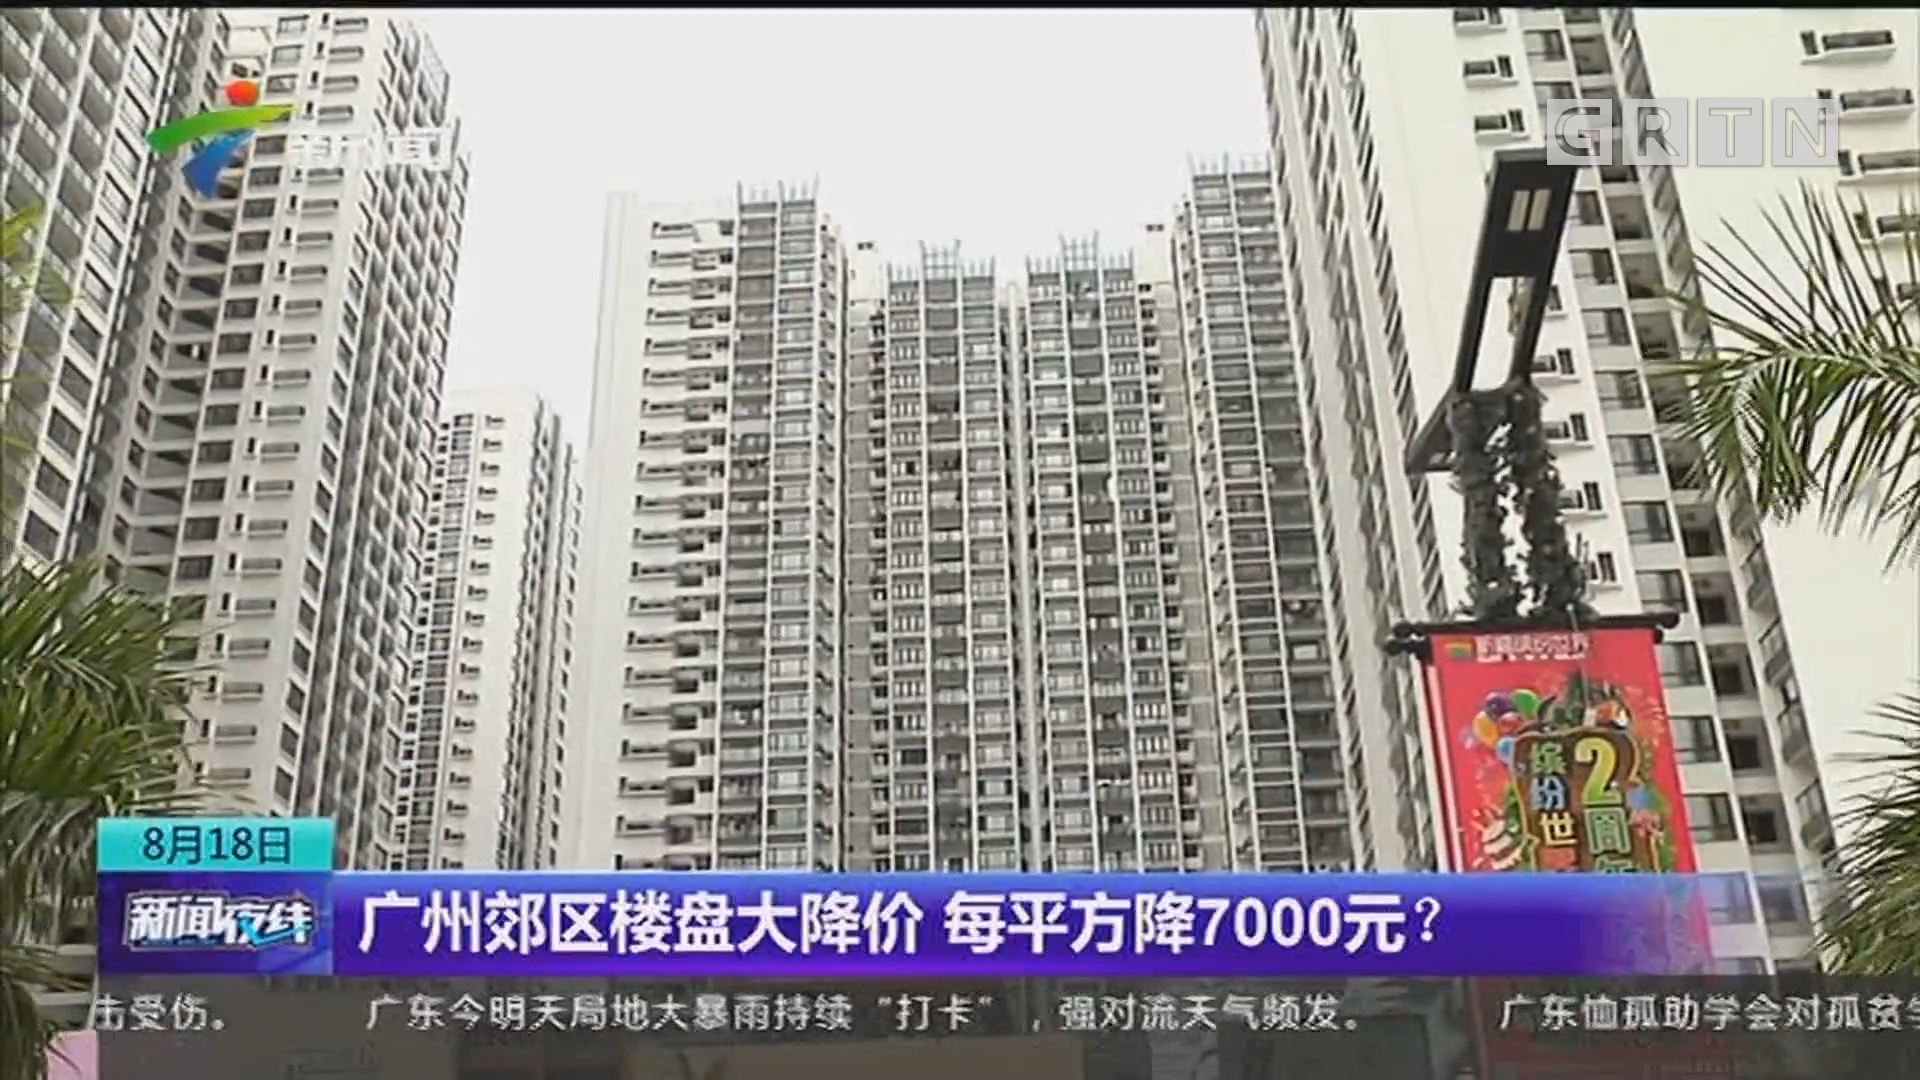 广州郊区楼盘大降价 每平方降7000元?